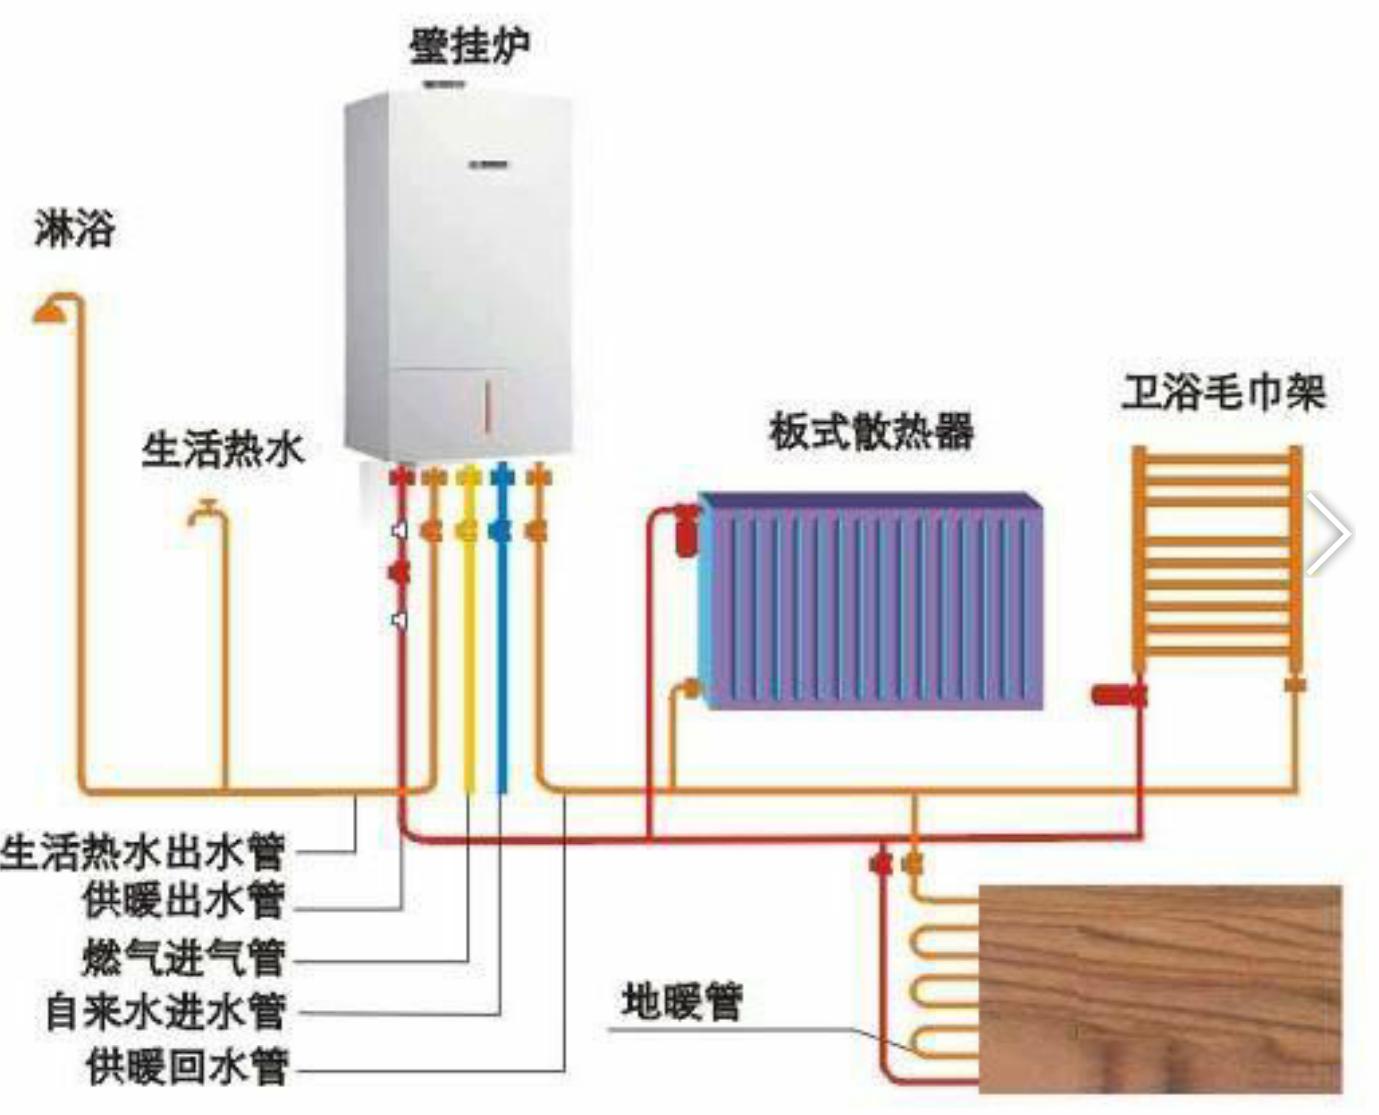 冷气热水器_电热水器好还是天燃气热水器好用啊?_百度知道